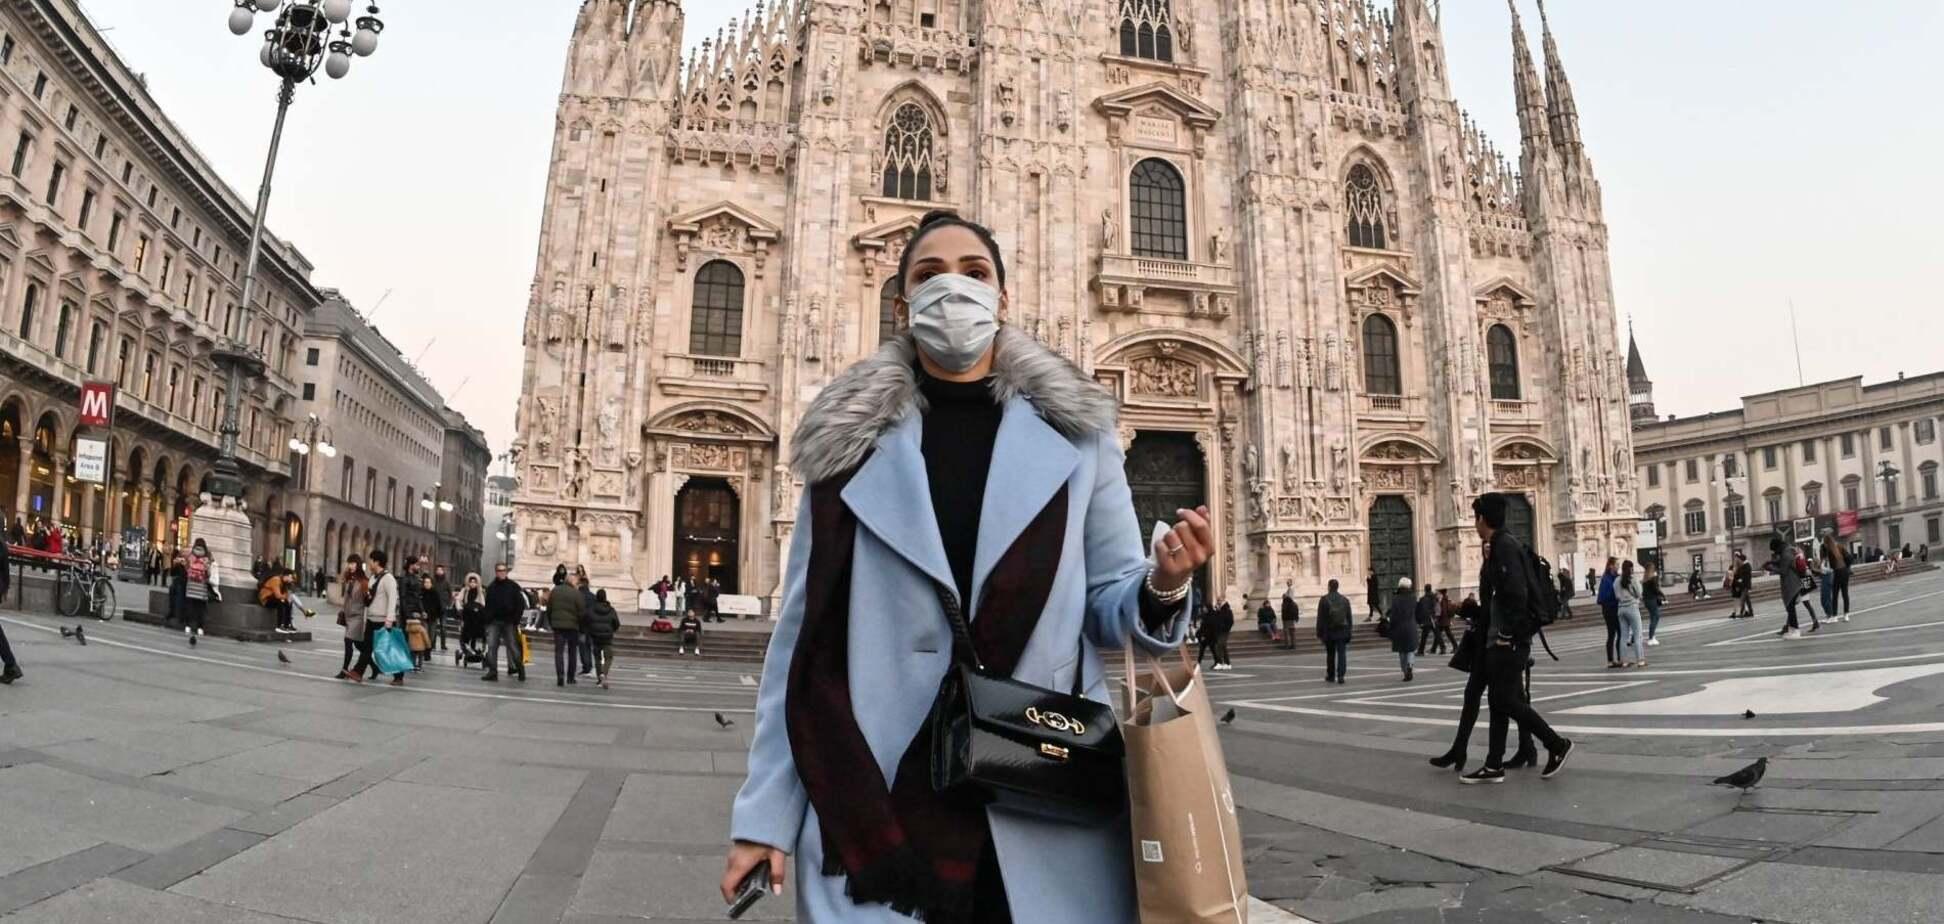 Итальянцам запретят праздновать Новый год на улице